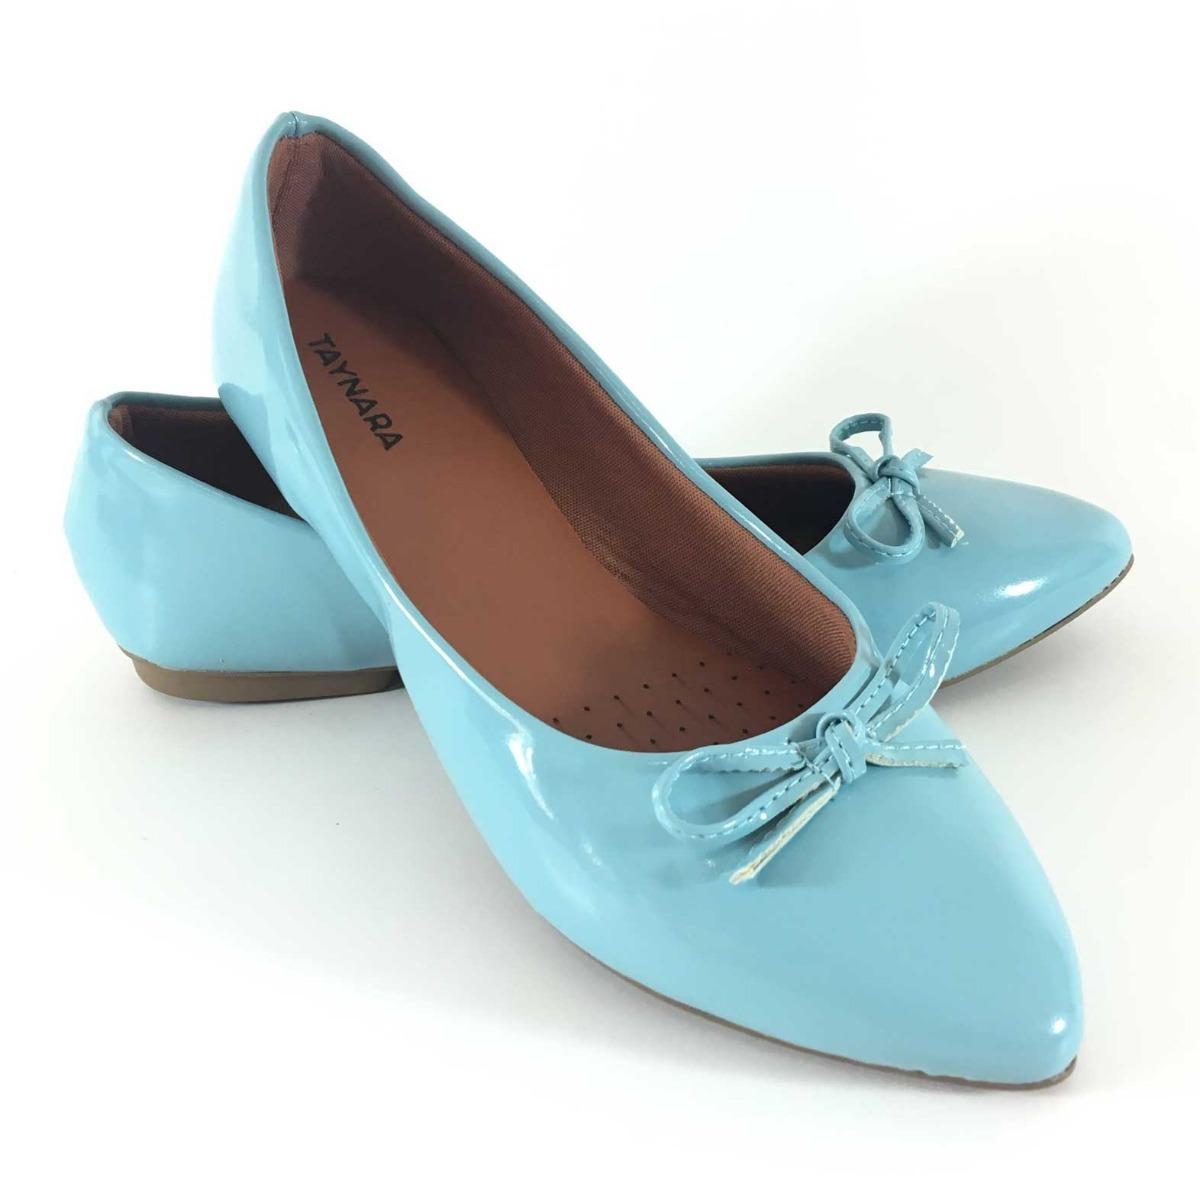 ddb28244dd sapatilha feminina com laço azul bebe. Carregando zoom.